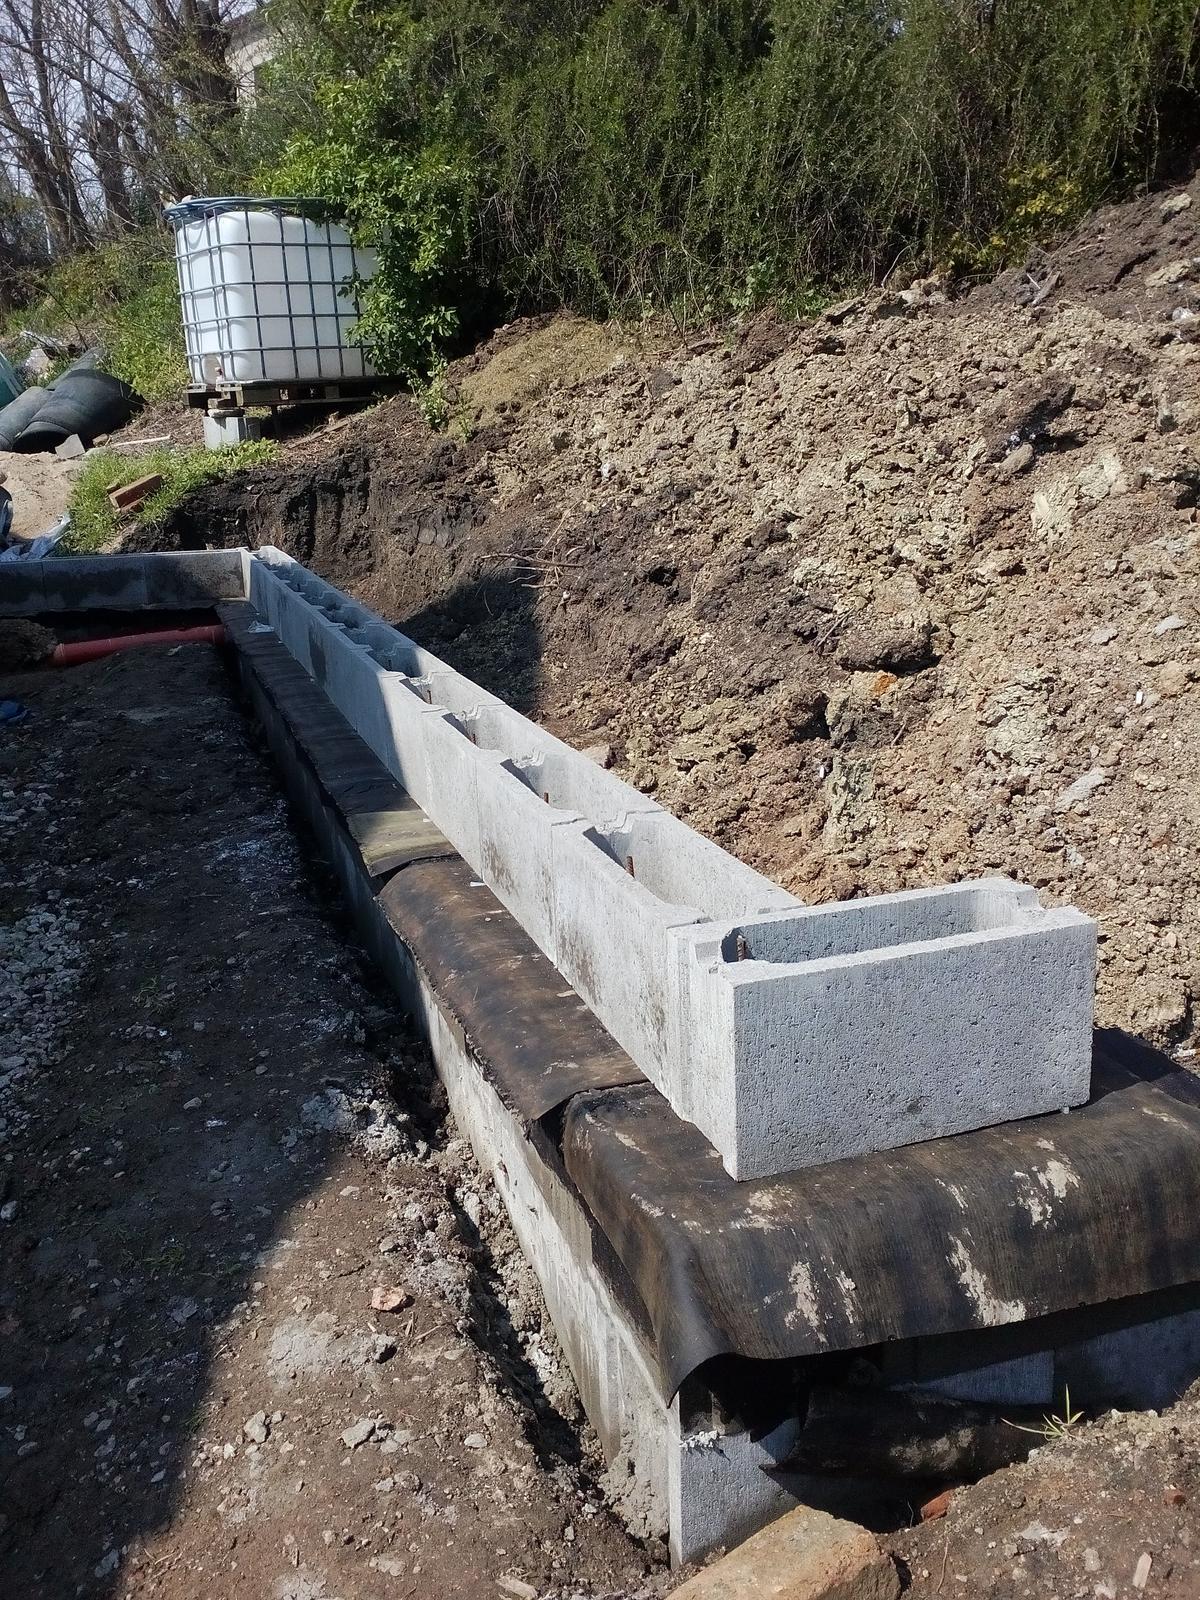 Garážové stánie - projekt r. 2017 - Body 5 a 6 hotové. Vyliate 2 vrstvy, natrené tekutým asfaltom, hydroizolacia a ideme stavať nad zemou. Prvá rada naskládaná